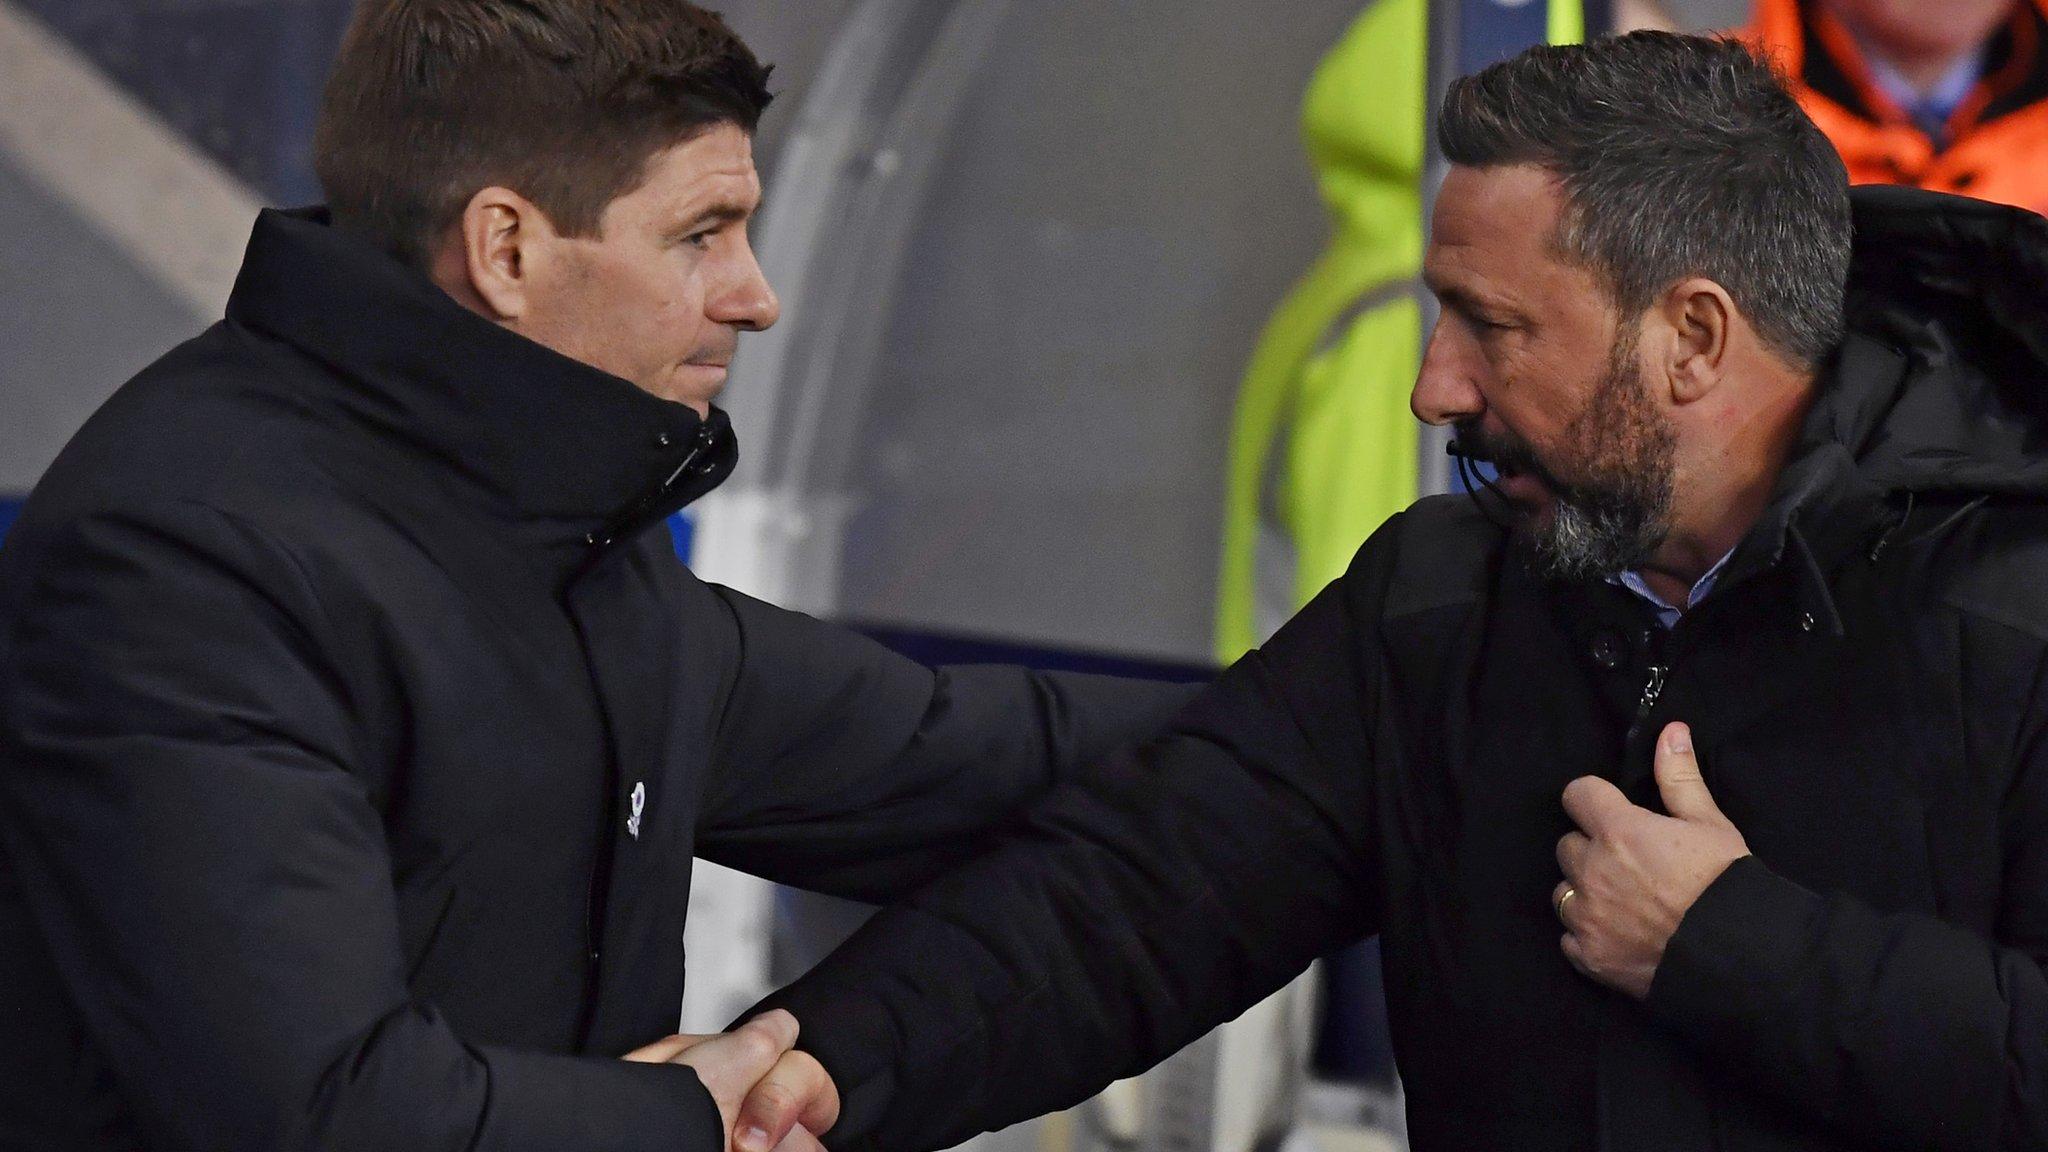 Rangers v Aberdeen: Derek McInnes denies Steven Gerrard claim that side 'lift game'